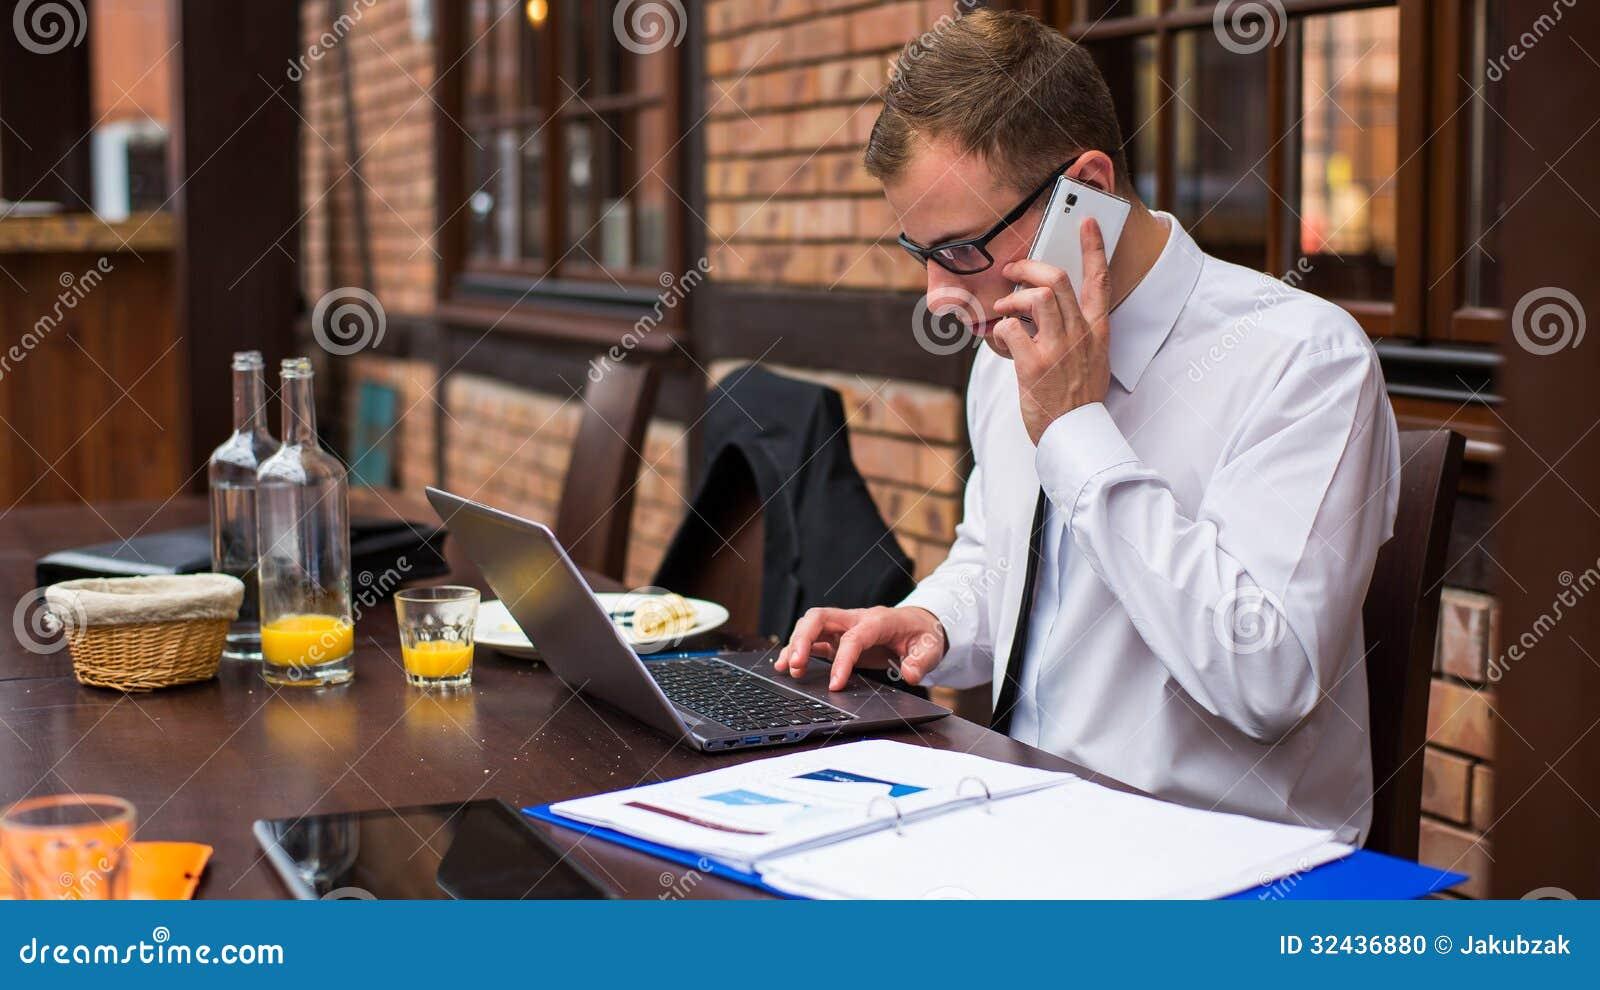 Hard Working Businessman In Restaurant. Stock Photo ...